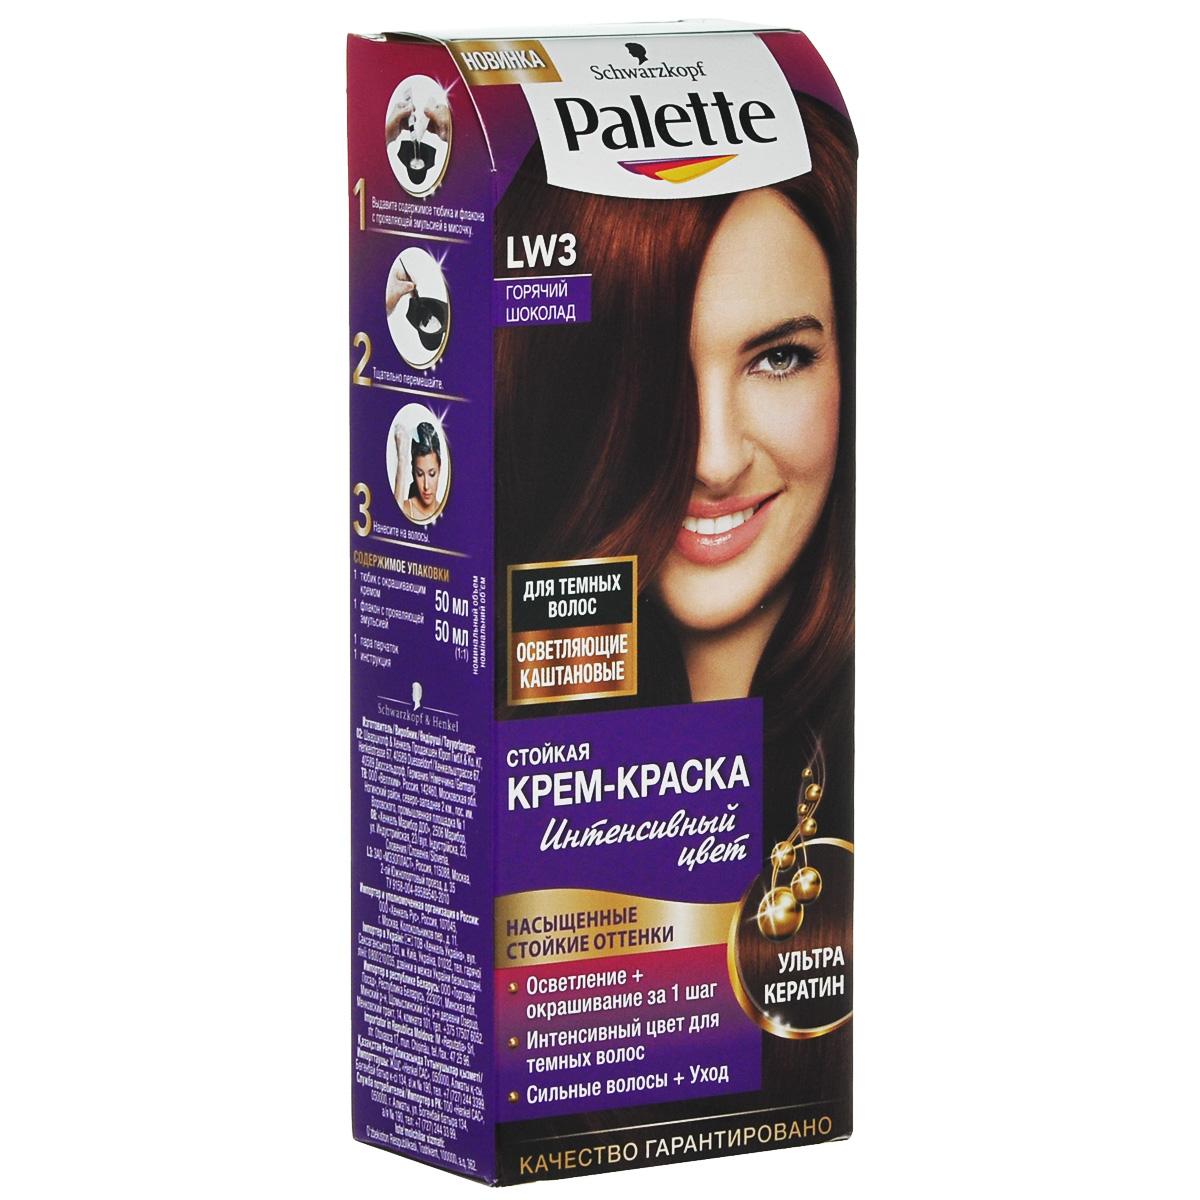 Palette ICC Крем-краска Осветляющие каштановые оттенок LW3 Горячий шоколад, 100 мл934352710Откройте для себя стойкую крем-краску Palette Intensive Color с формулой, обогащенной кератином для стойкого интенсивного цвета и сияющего блеска.Формула окрашивающего крема с Кератин-Комплексом оказывает ухаживающее воздействие в процессе окрашивания, а интенсивные цветовые пигменты глубоко проникают в структуру волос для невероятного сияющего цвета. Процесс окрашивания оставит ощущение мягкости и гладкости волос, а новая формула надежно защитит Ваш любимый оттенок от выцветания.